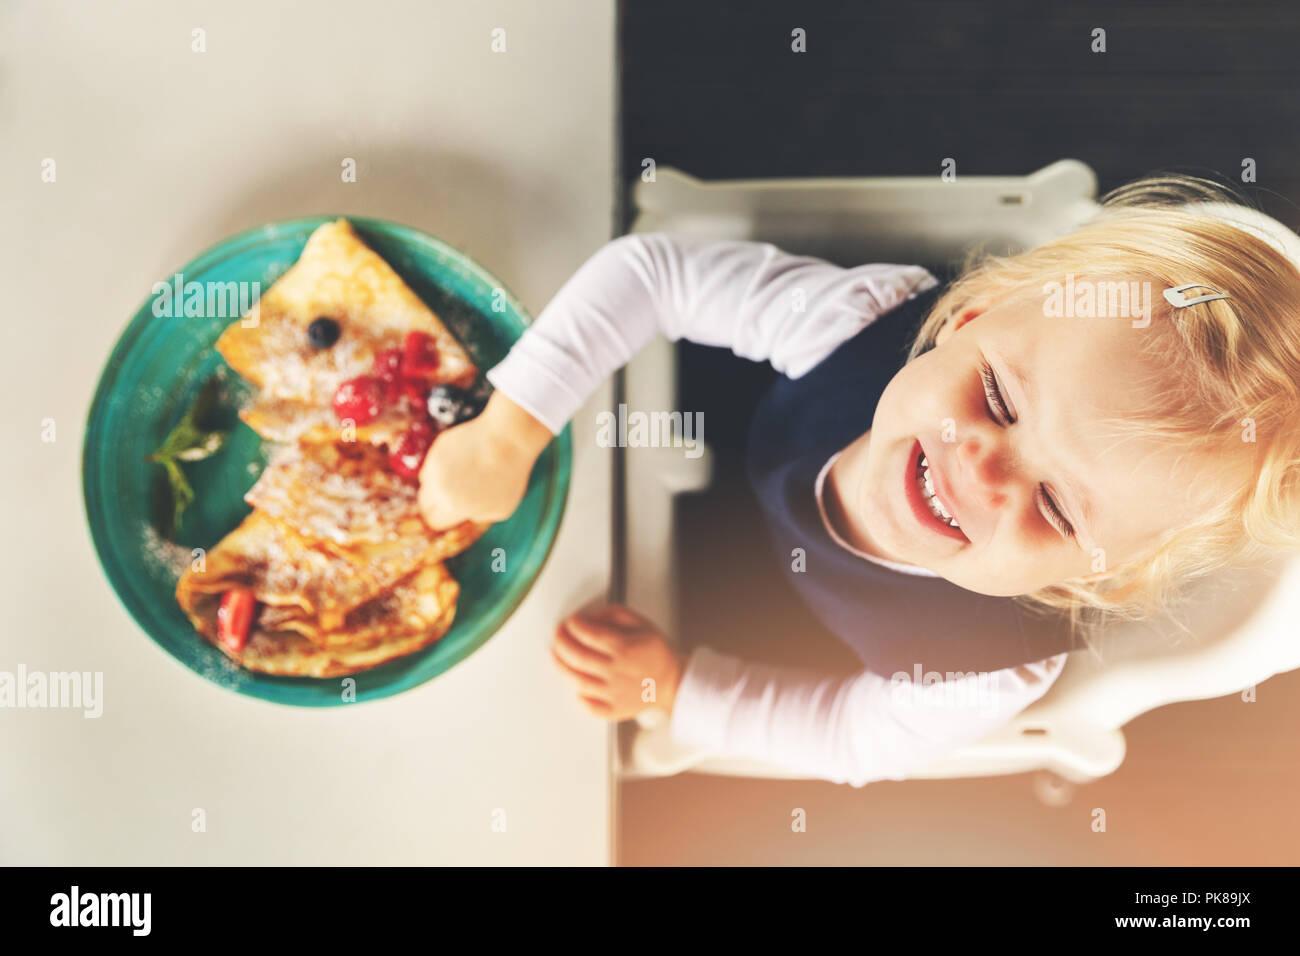 Carino divertente bambina mangiare frittelle con frutti di bosco Immagini Stock